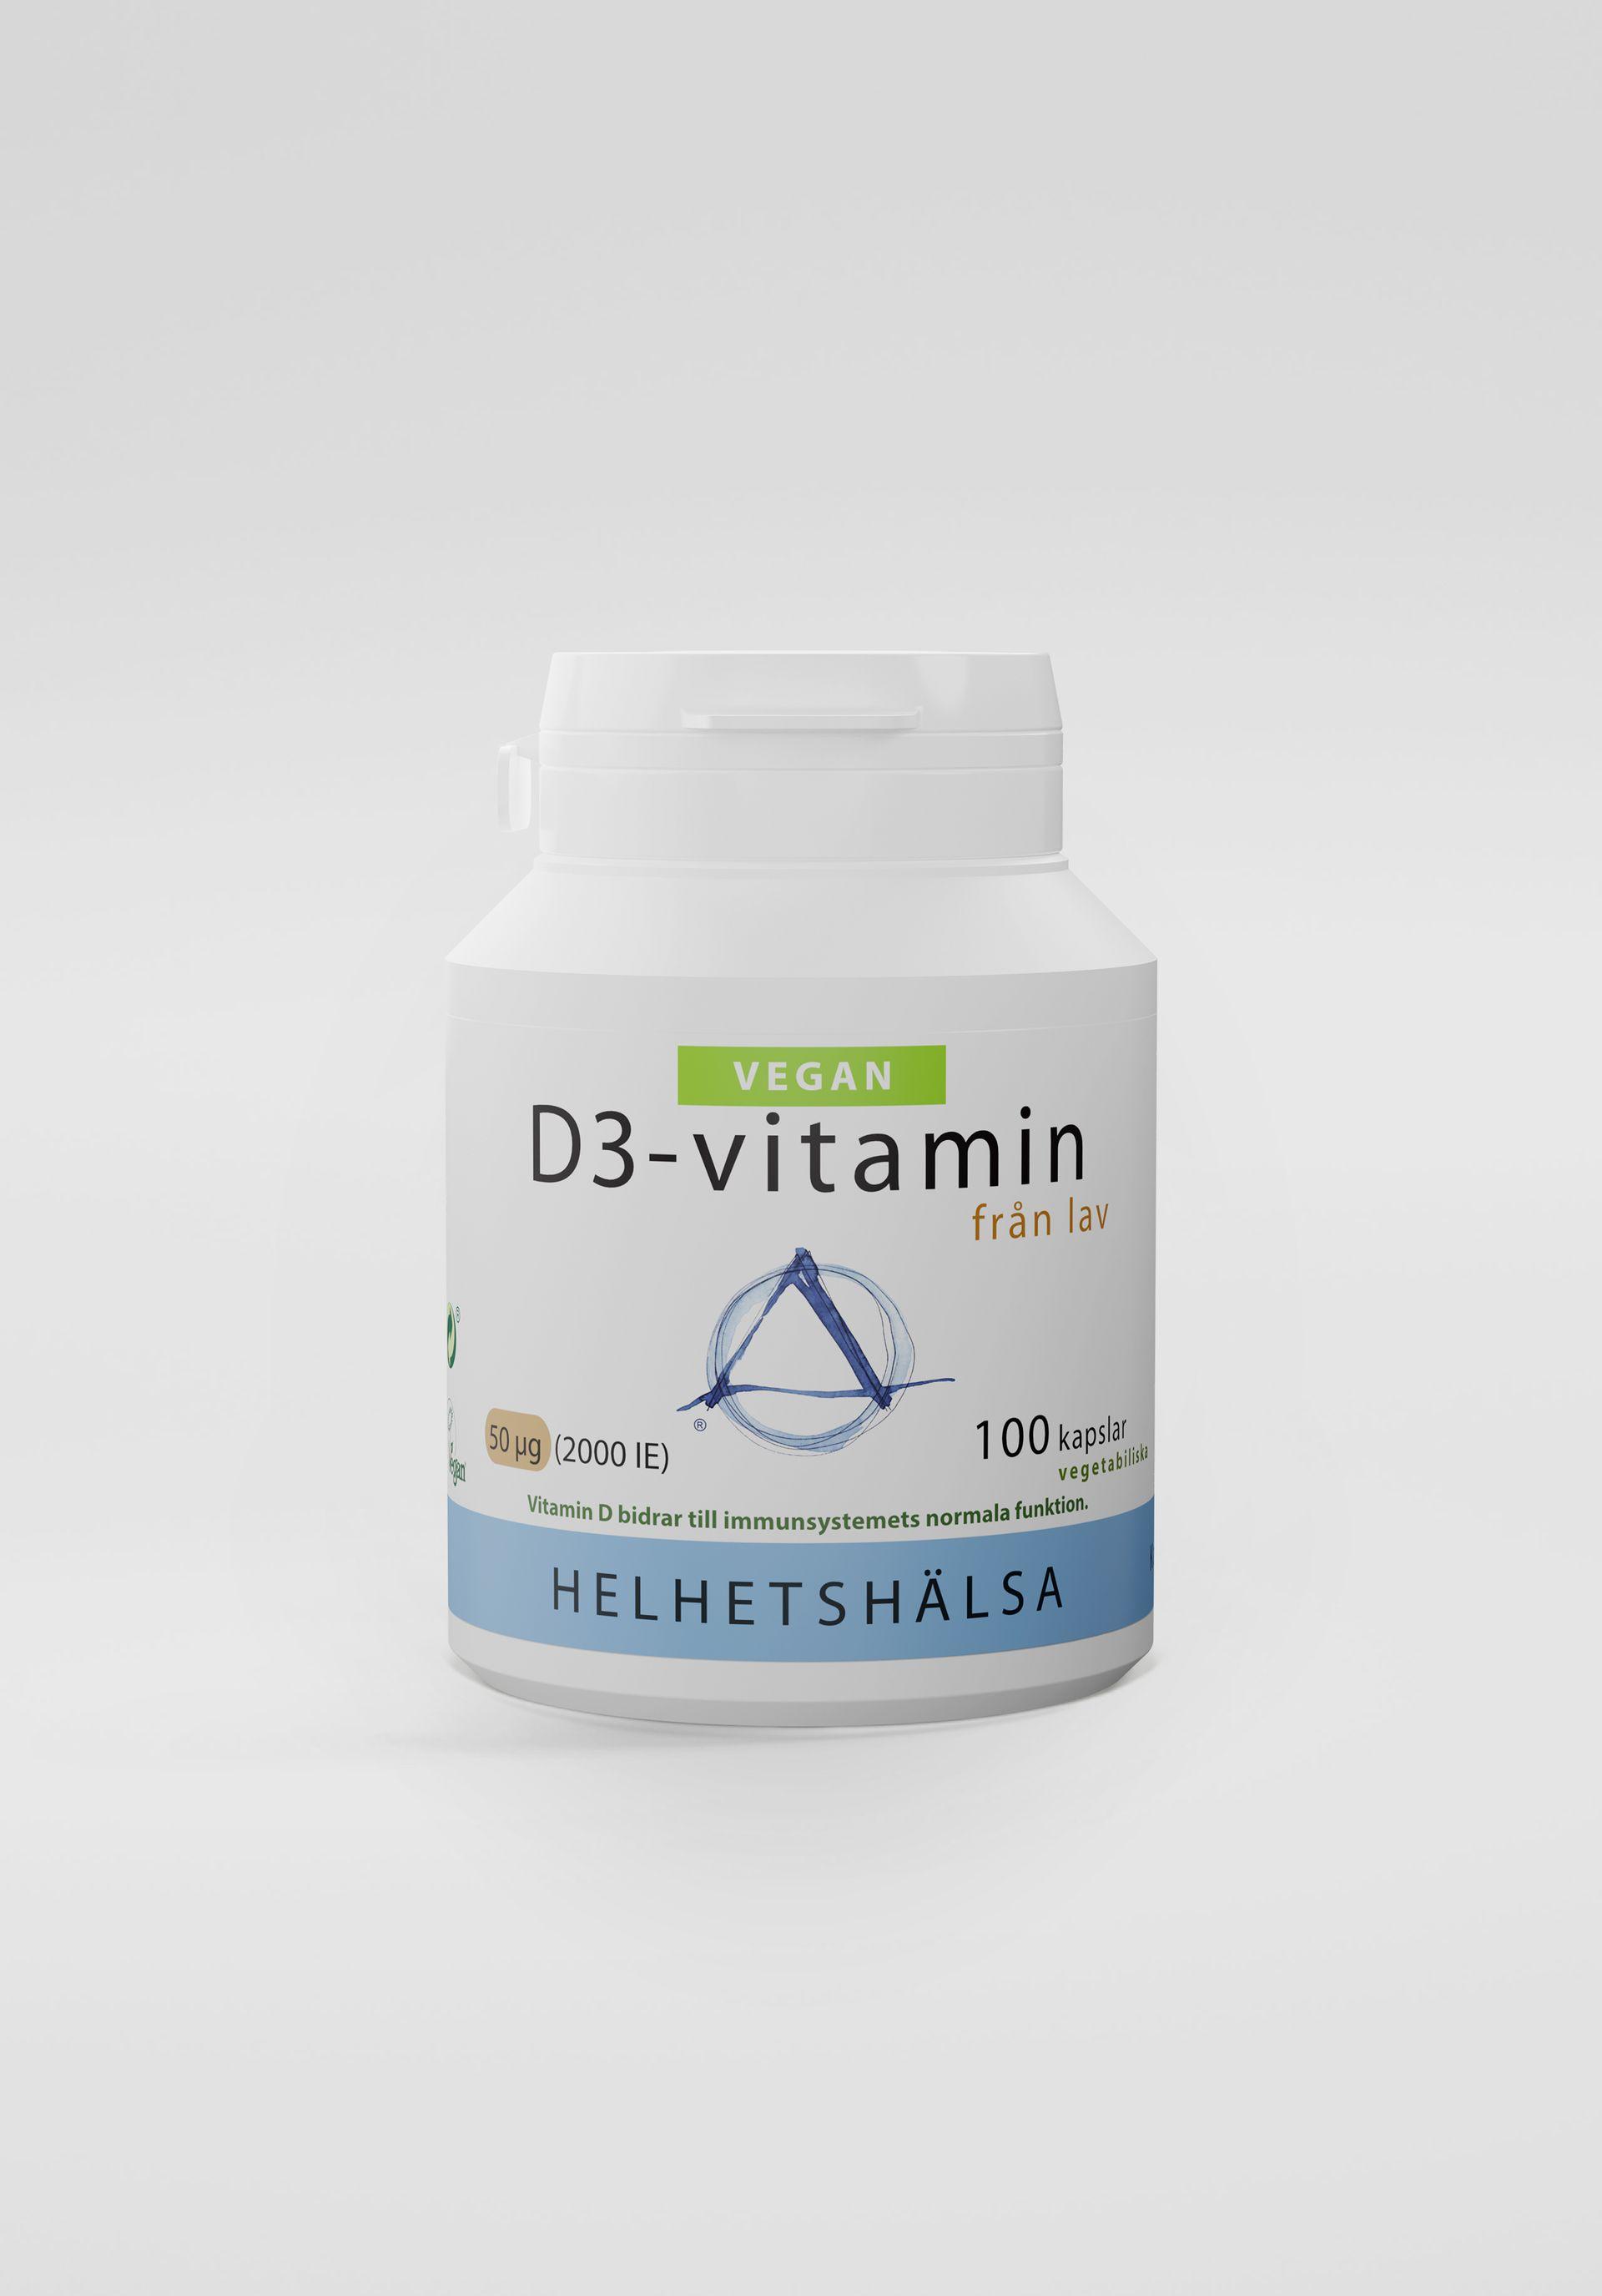 D3-vitamin, 50 µg, vegan, 100 kapslar